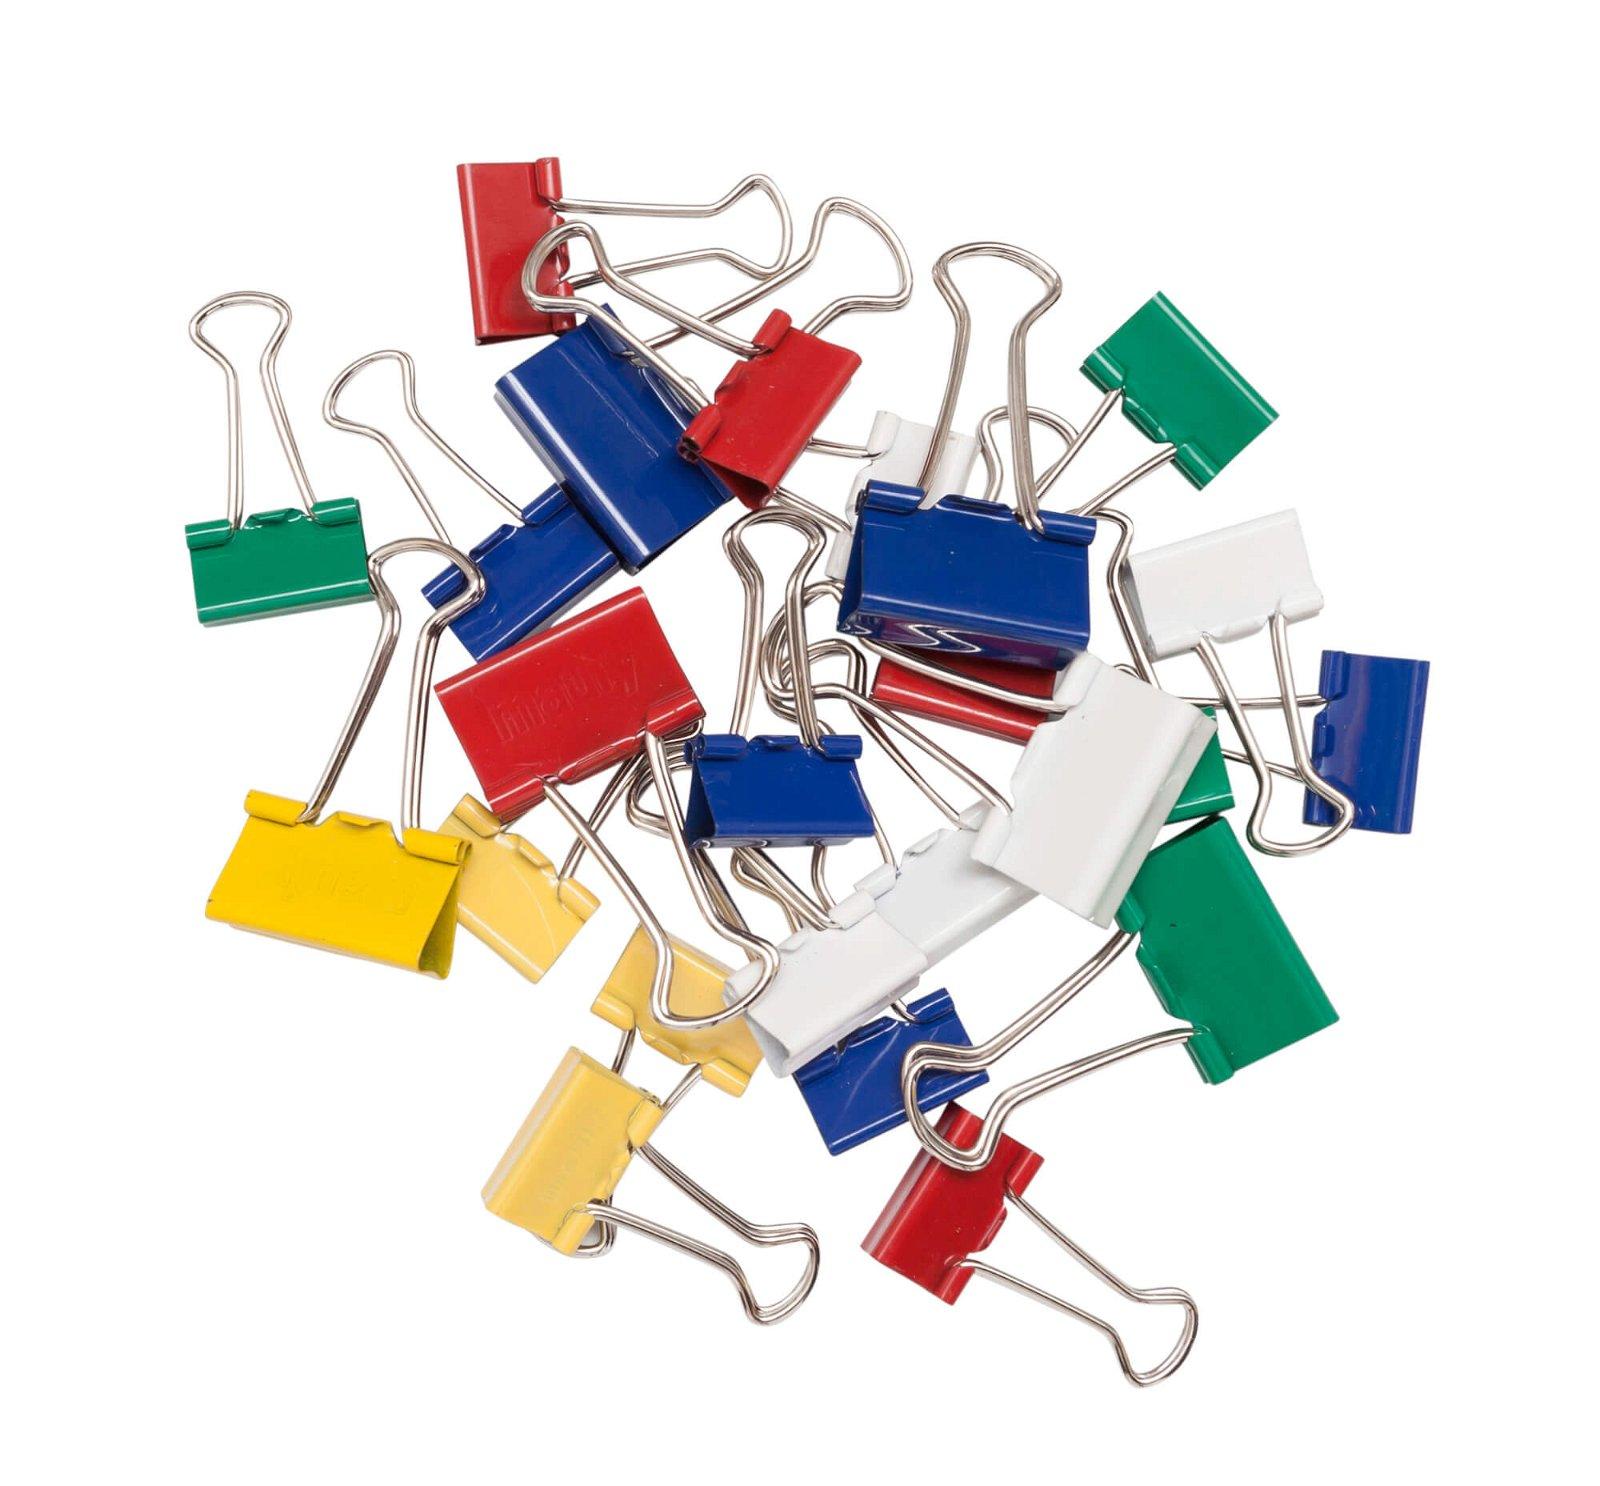 mauly 215, div. Größen und Farben, Inhalt: 24 maulys, farbig sortiert